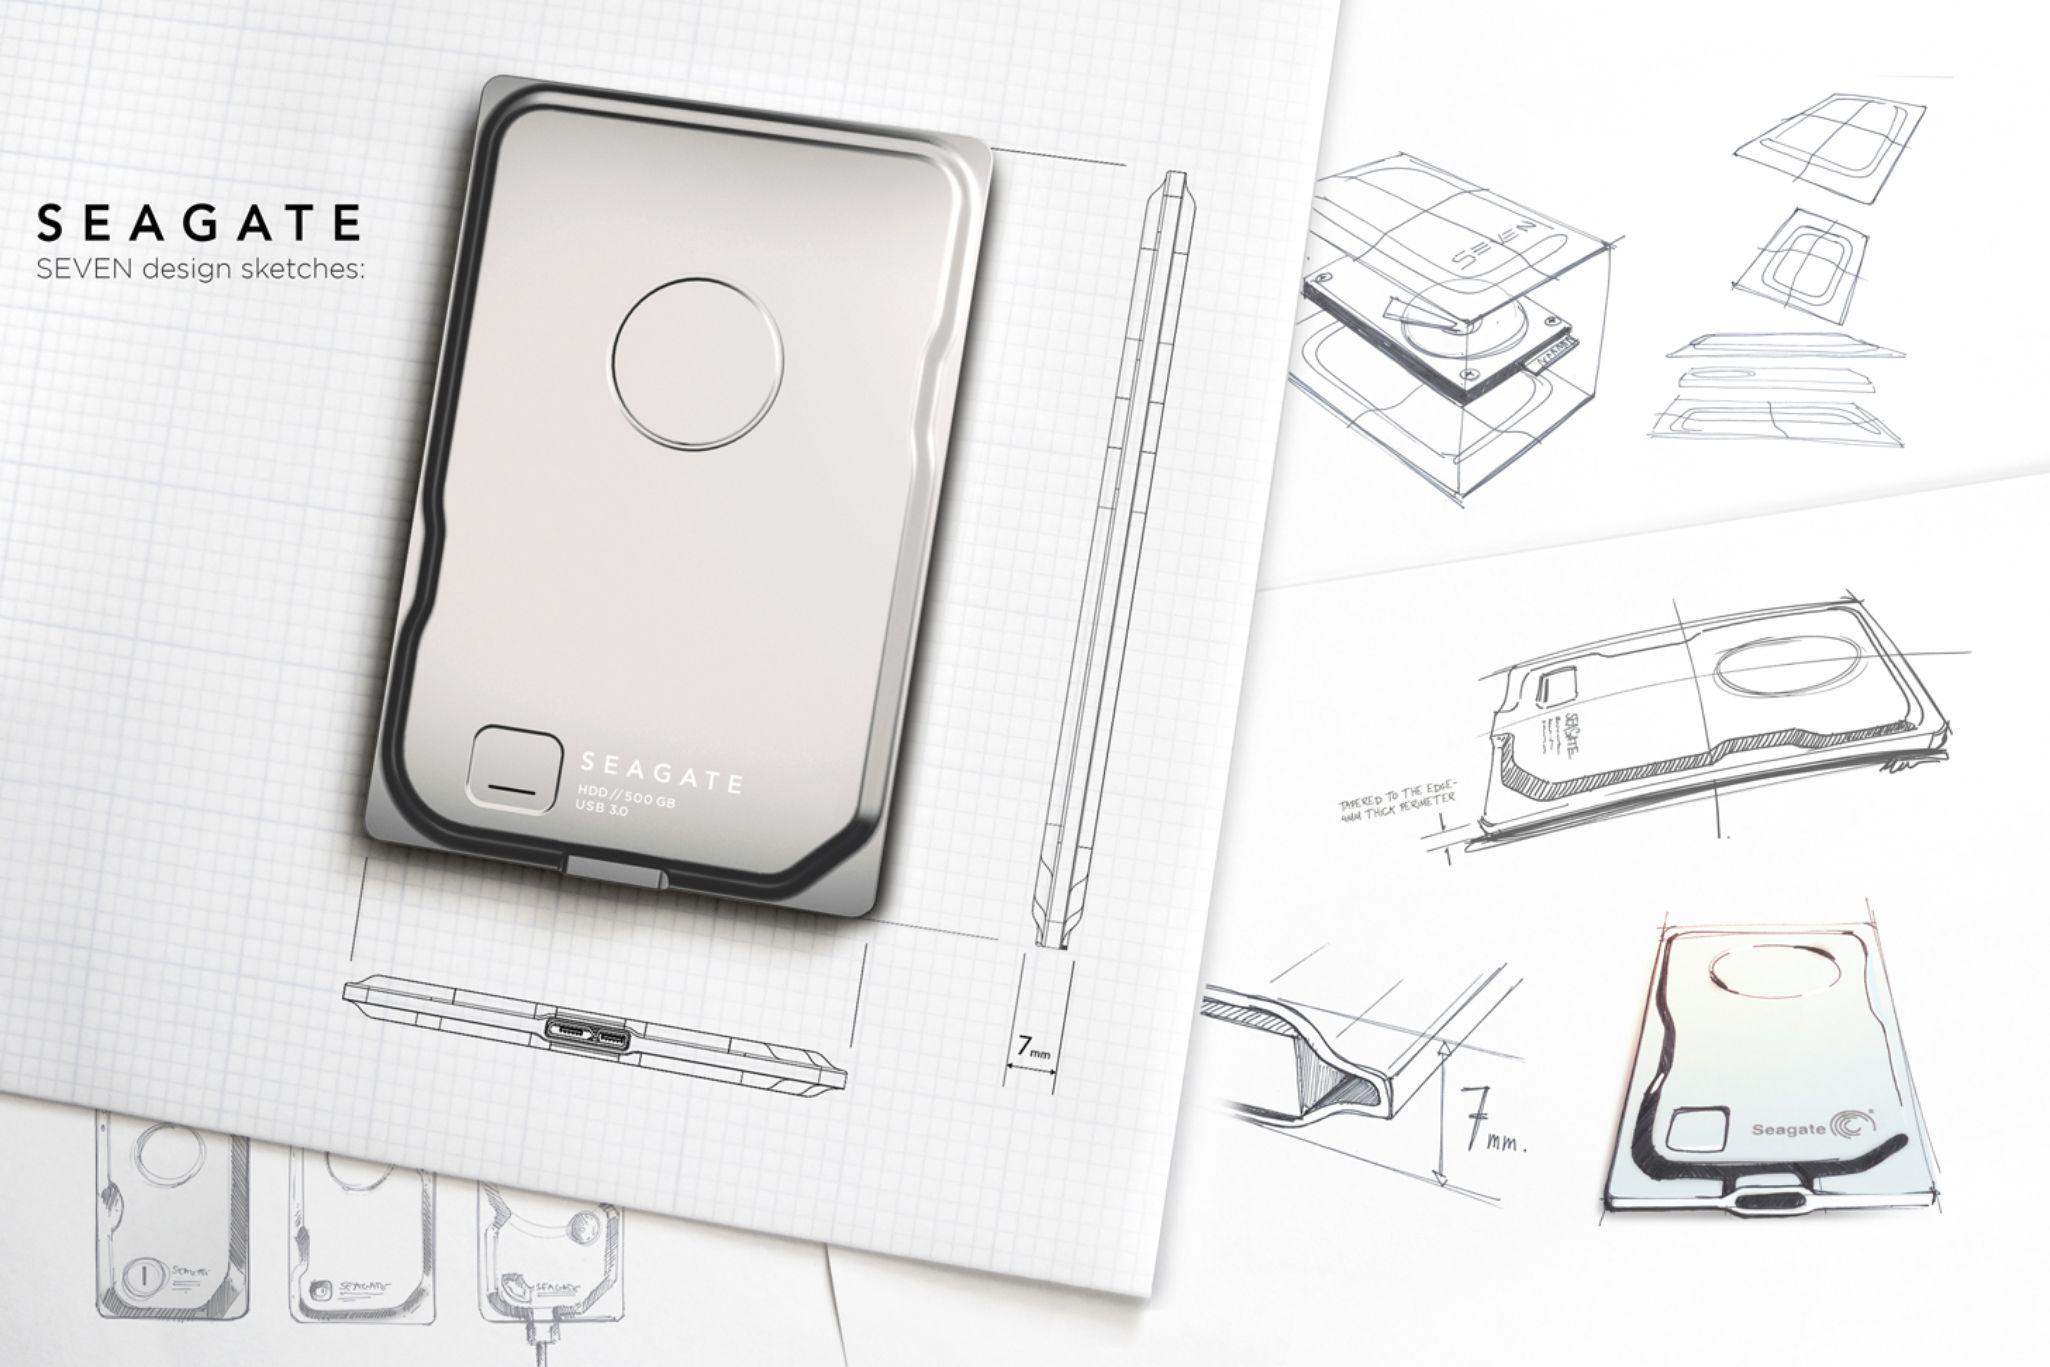 Seagate Seven dünyanın en ince 500 GB taşınabilir sabit diski